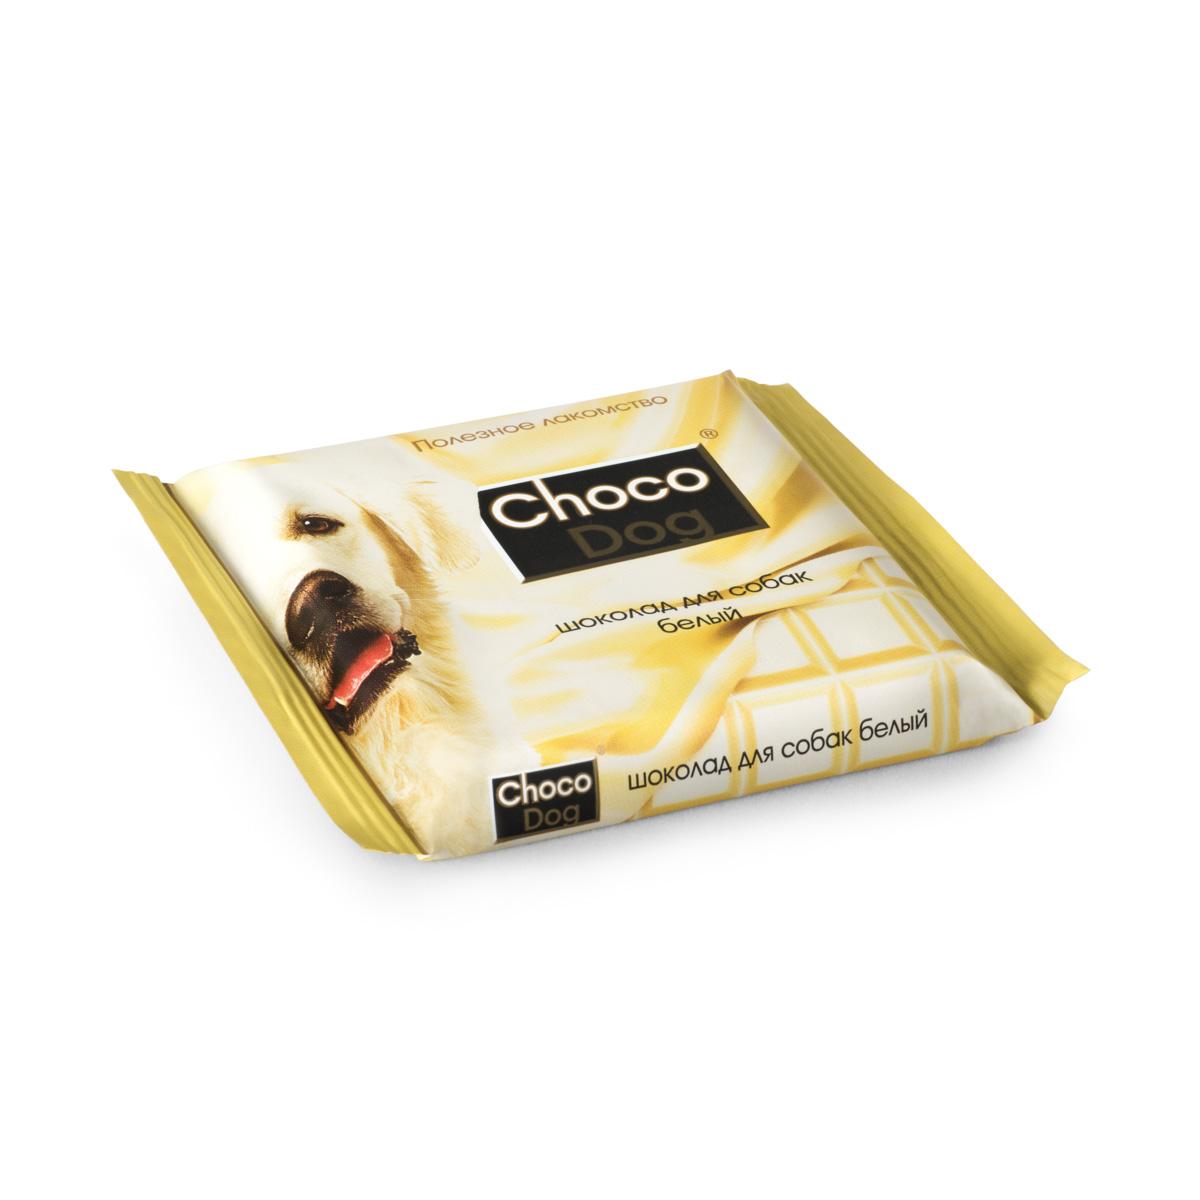 Choco Dog шоколад белый лакомство для собак, 85г4605543005107Белый шоколад без какао и сахара. Рекомендуется собакам с выраженными аллергическими реакциями на продукты питания. В состав входят: трава стевия, лецитин, пивные дрожжи.